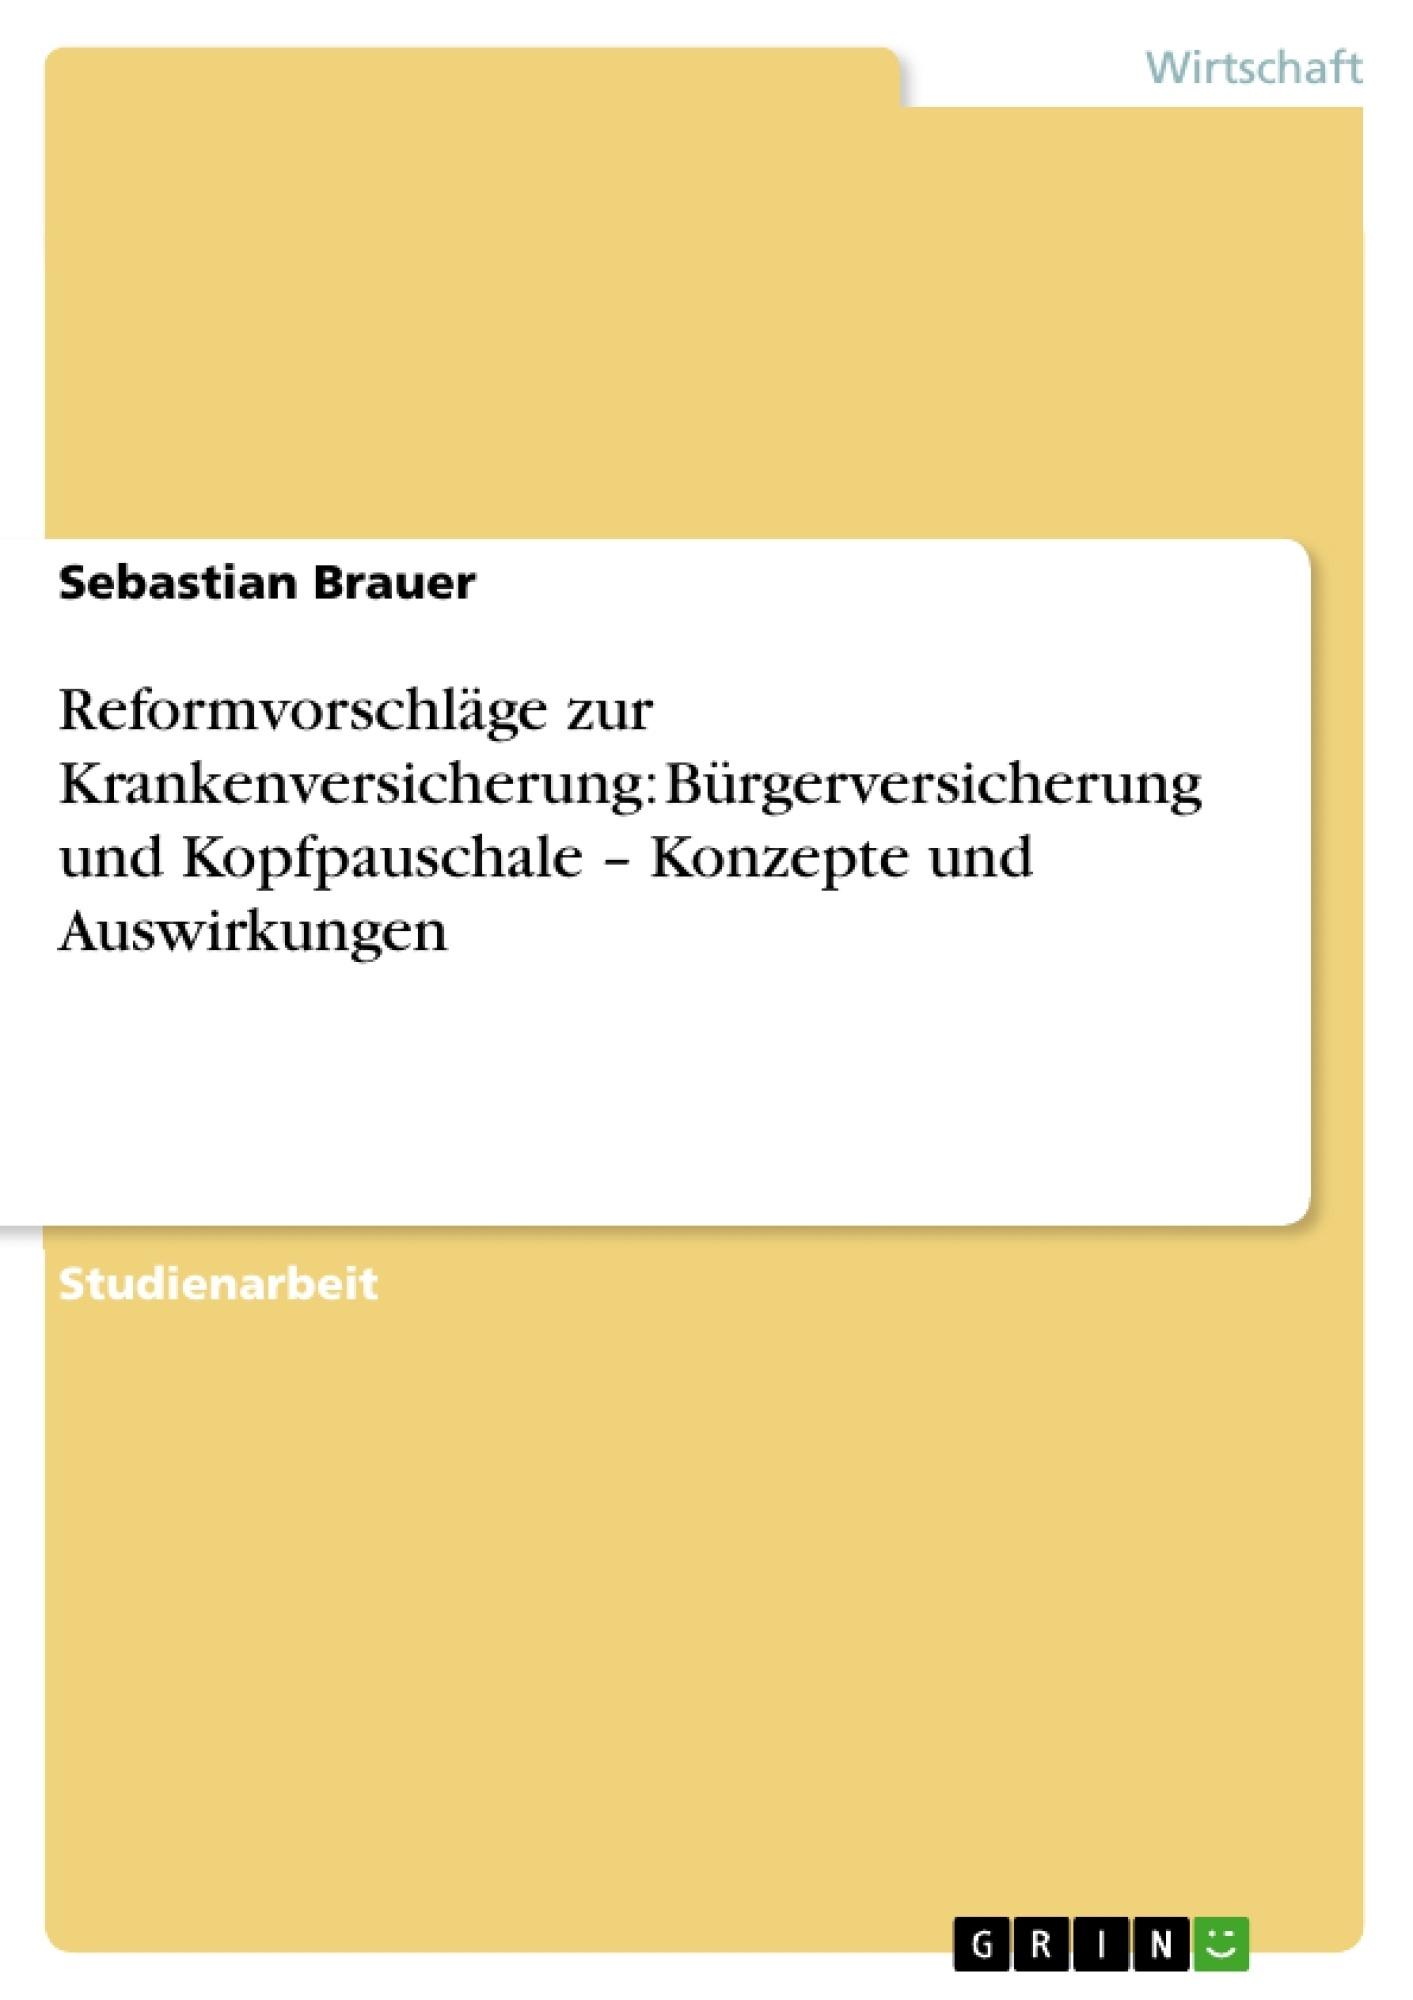 Titel: Reformvorschläge zur Krankenversicherung: Bürgerversicherung und Kopfpauschale – Konzepte und Auswirkungen